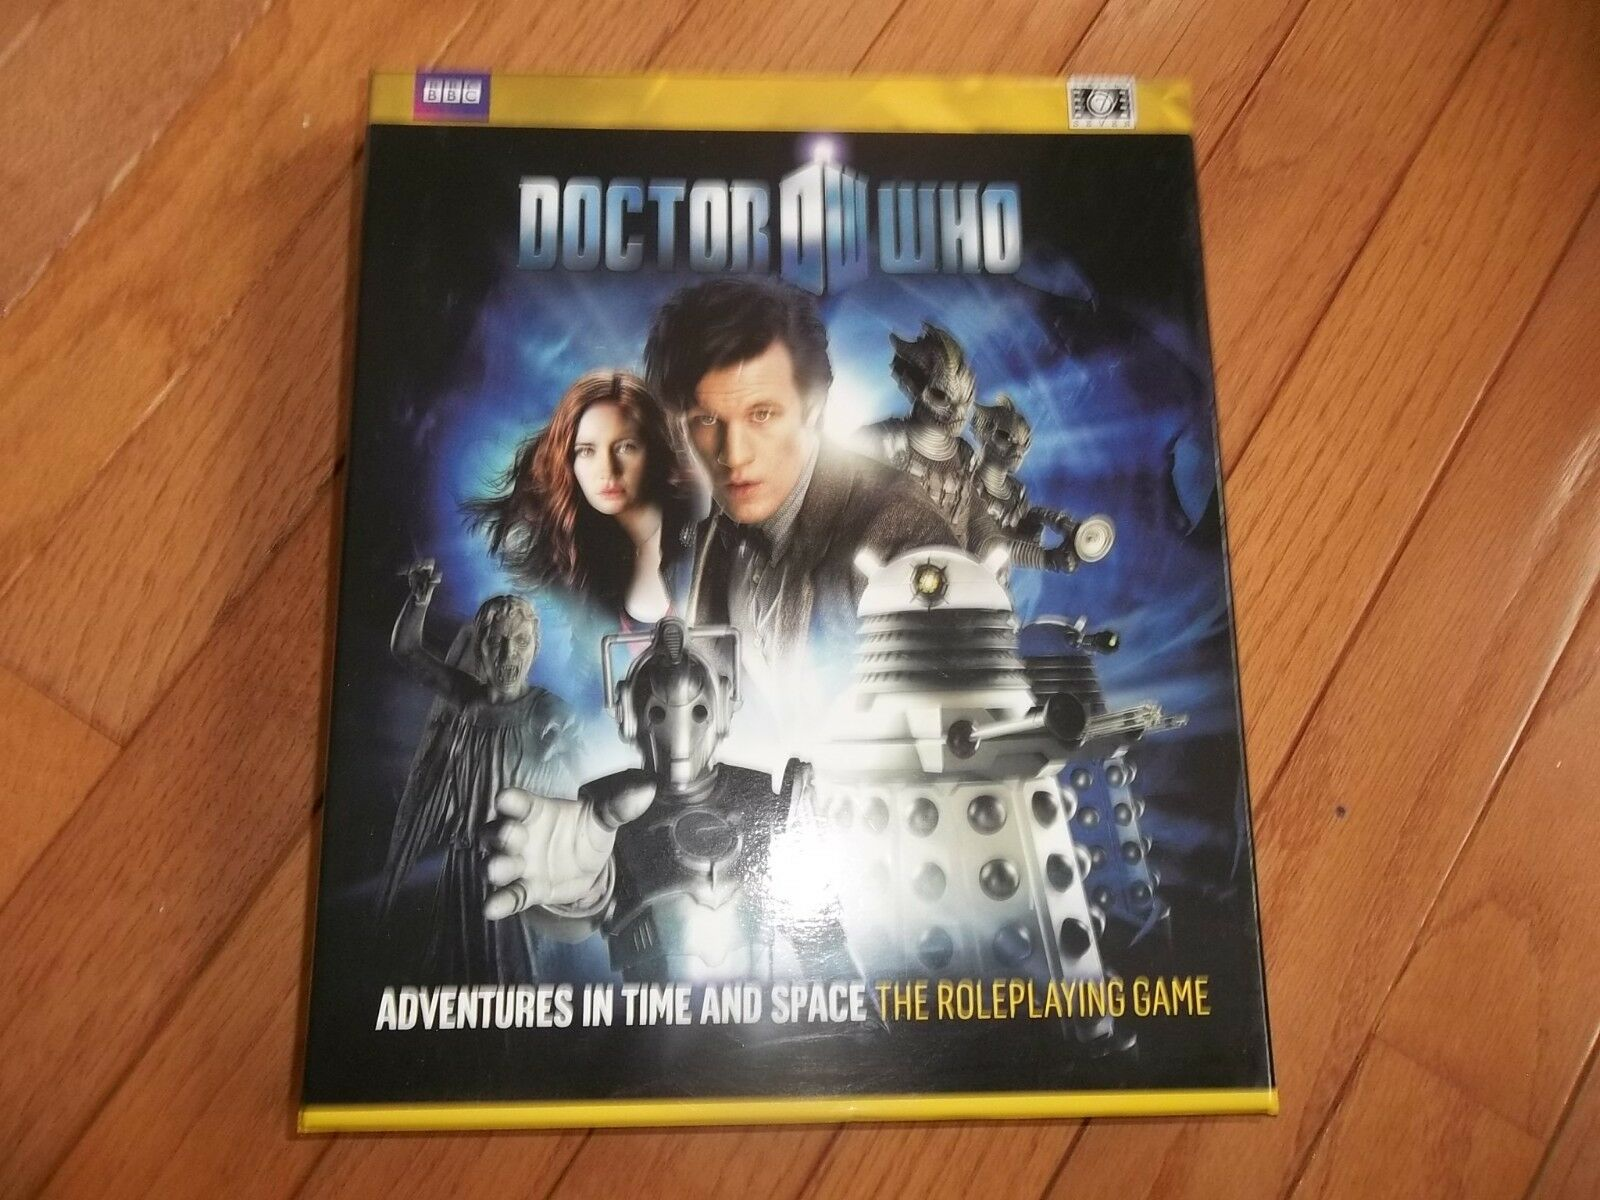 alto descuento Cubículo siete C7 BBC Doctor Who aventuras en en en el tiempo y el espacio CB71109 ENLOMADOR  selección larga